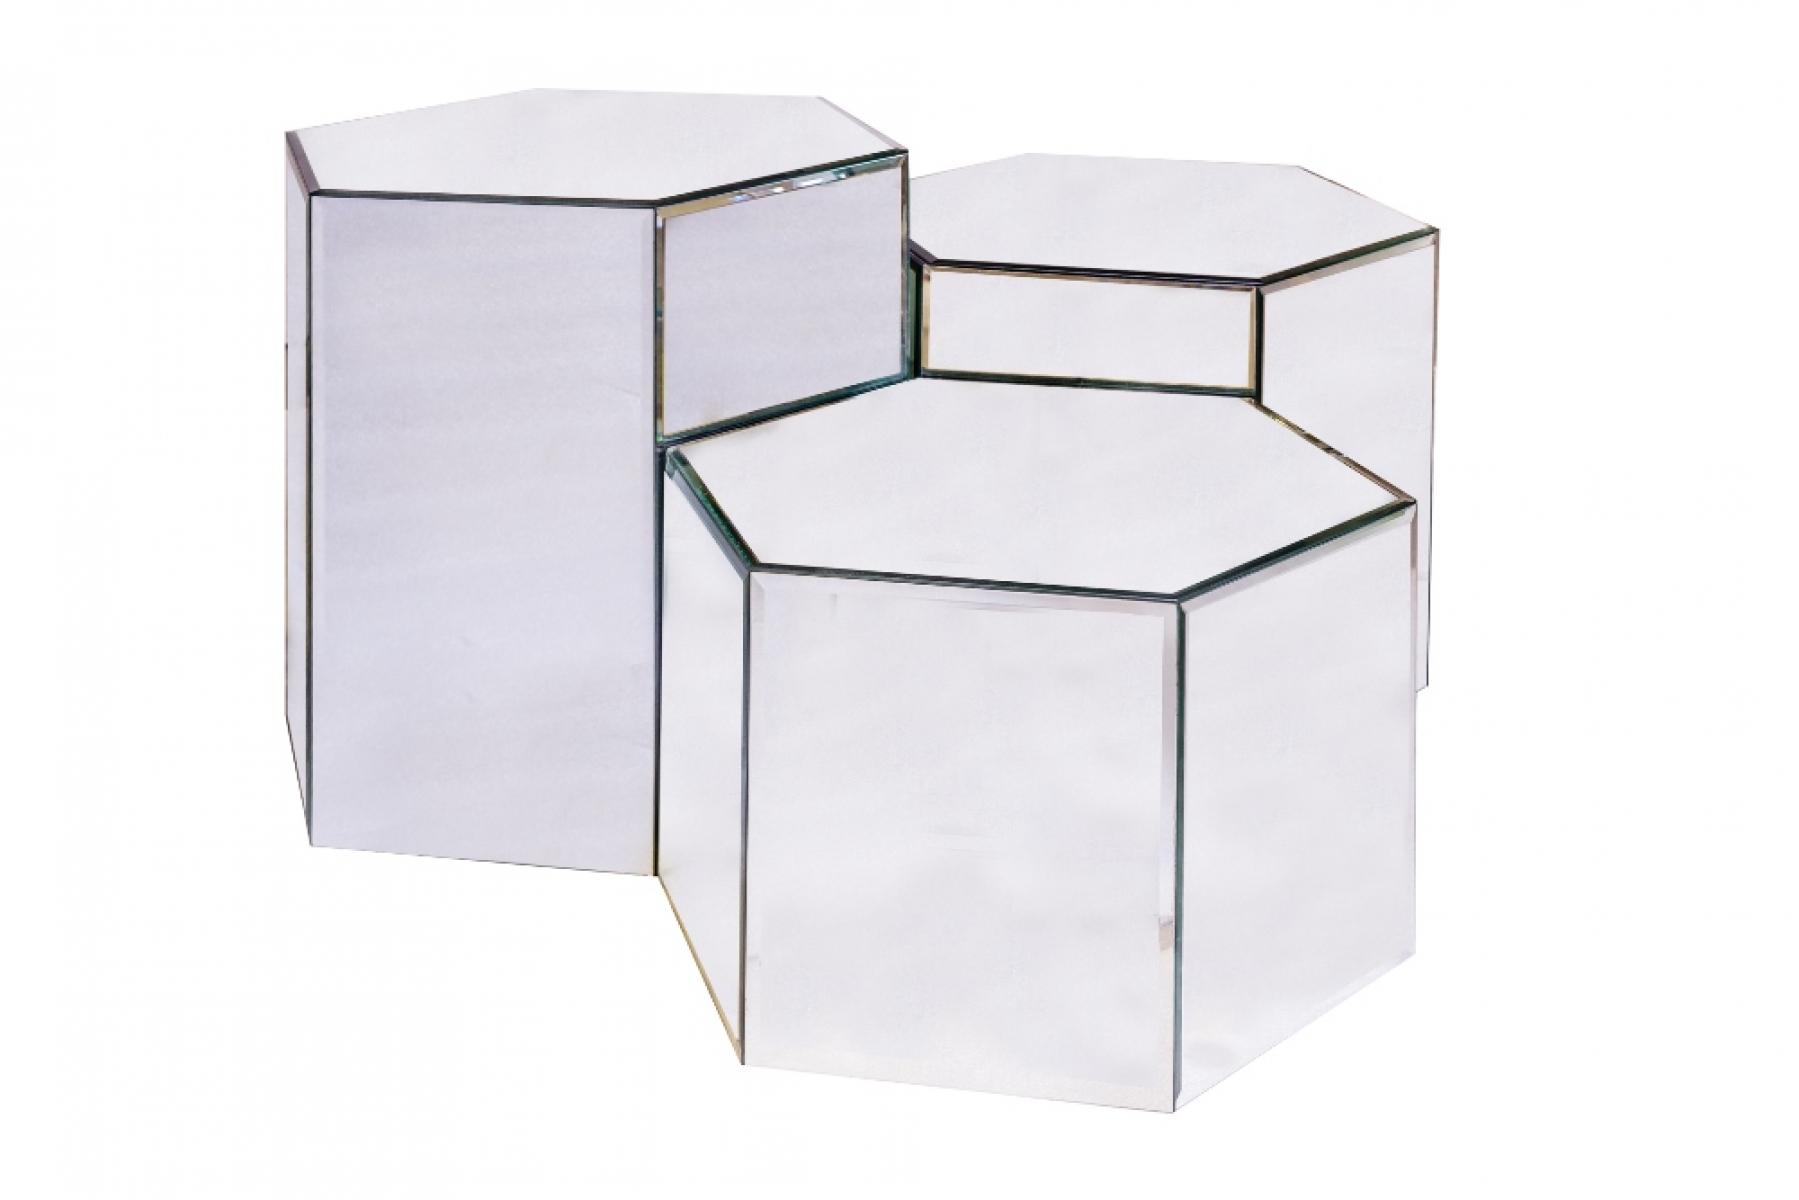 Cubos hexagonal espelho Médio